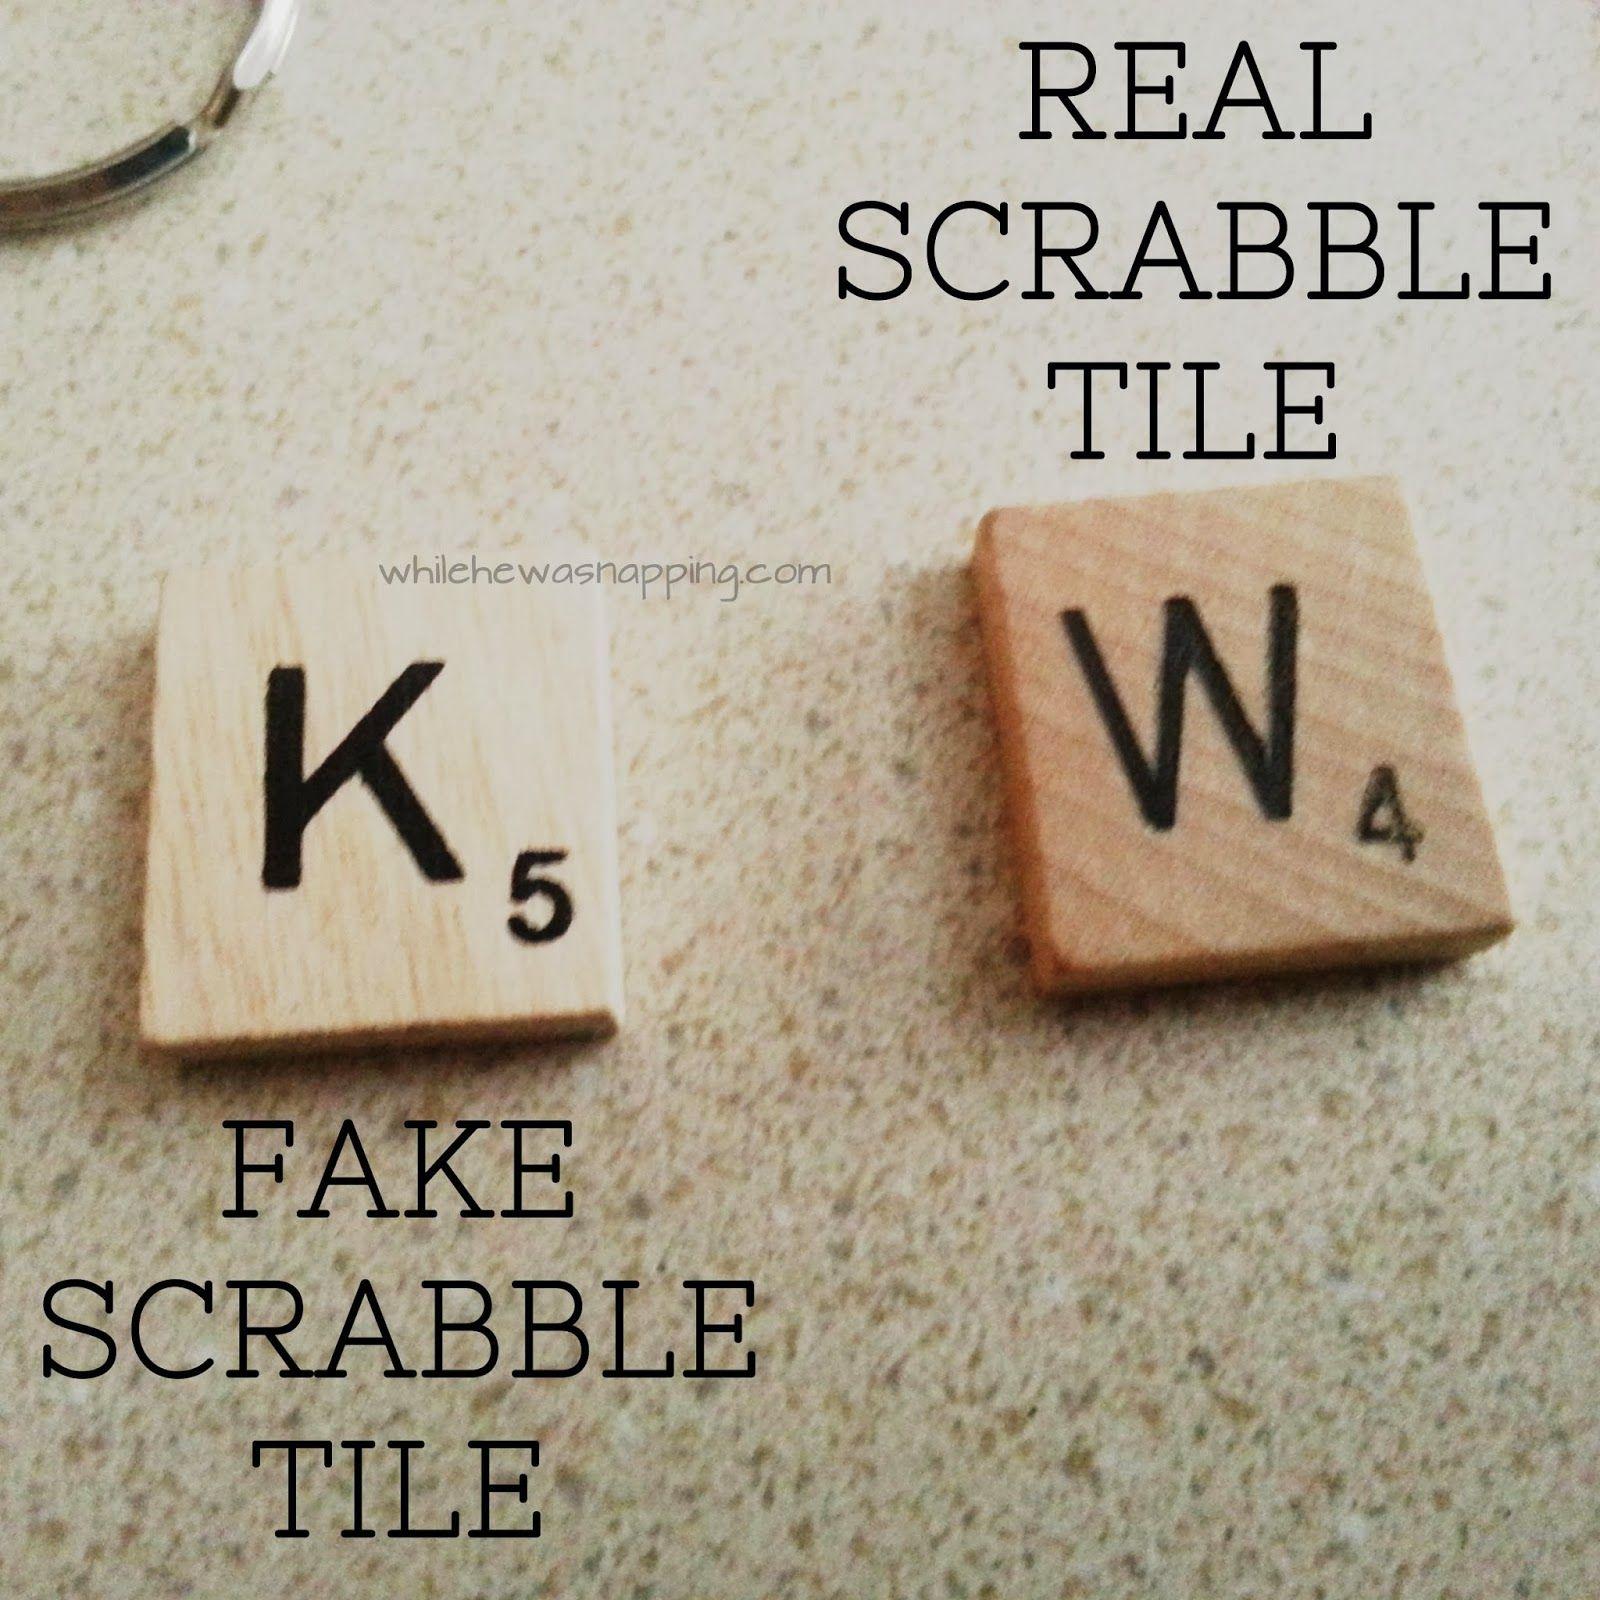 Wood burned scrabble tile pendants scrabble tiles scrabble and wood burned scrabble tile pendants aloadofball Choice Image